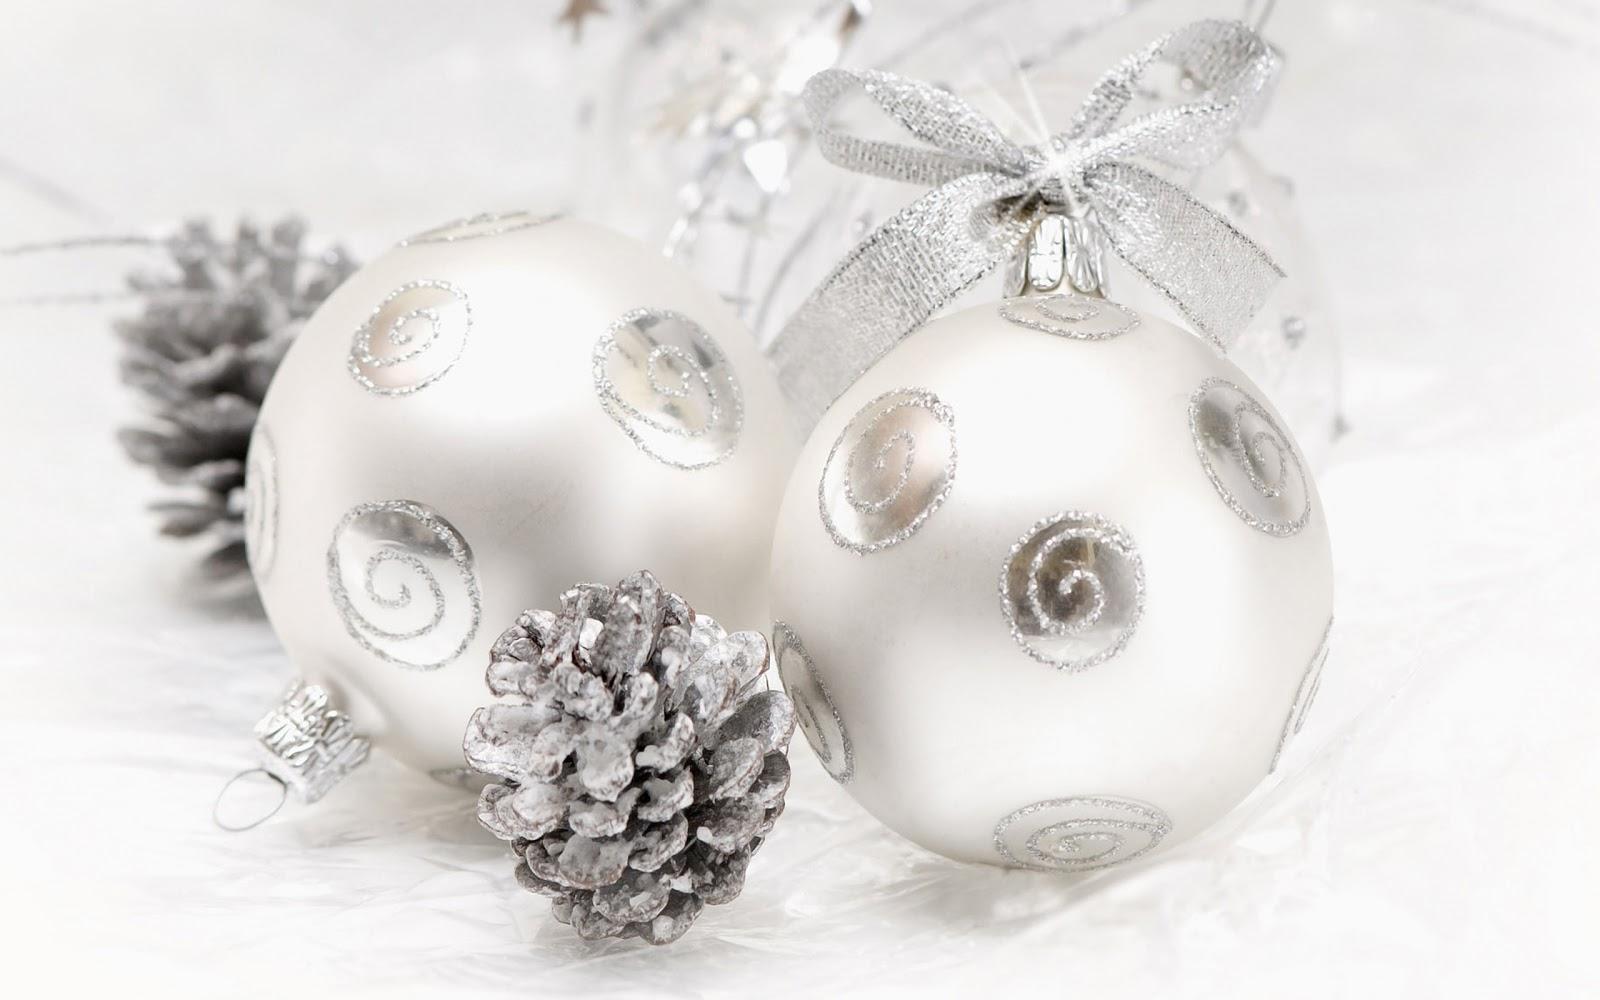 christmas landscapes wallpaper christmas balls. Black Bedroom Furniture Sets. Home Design Ideas